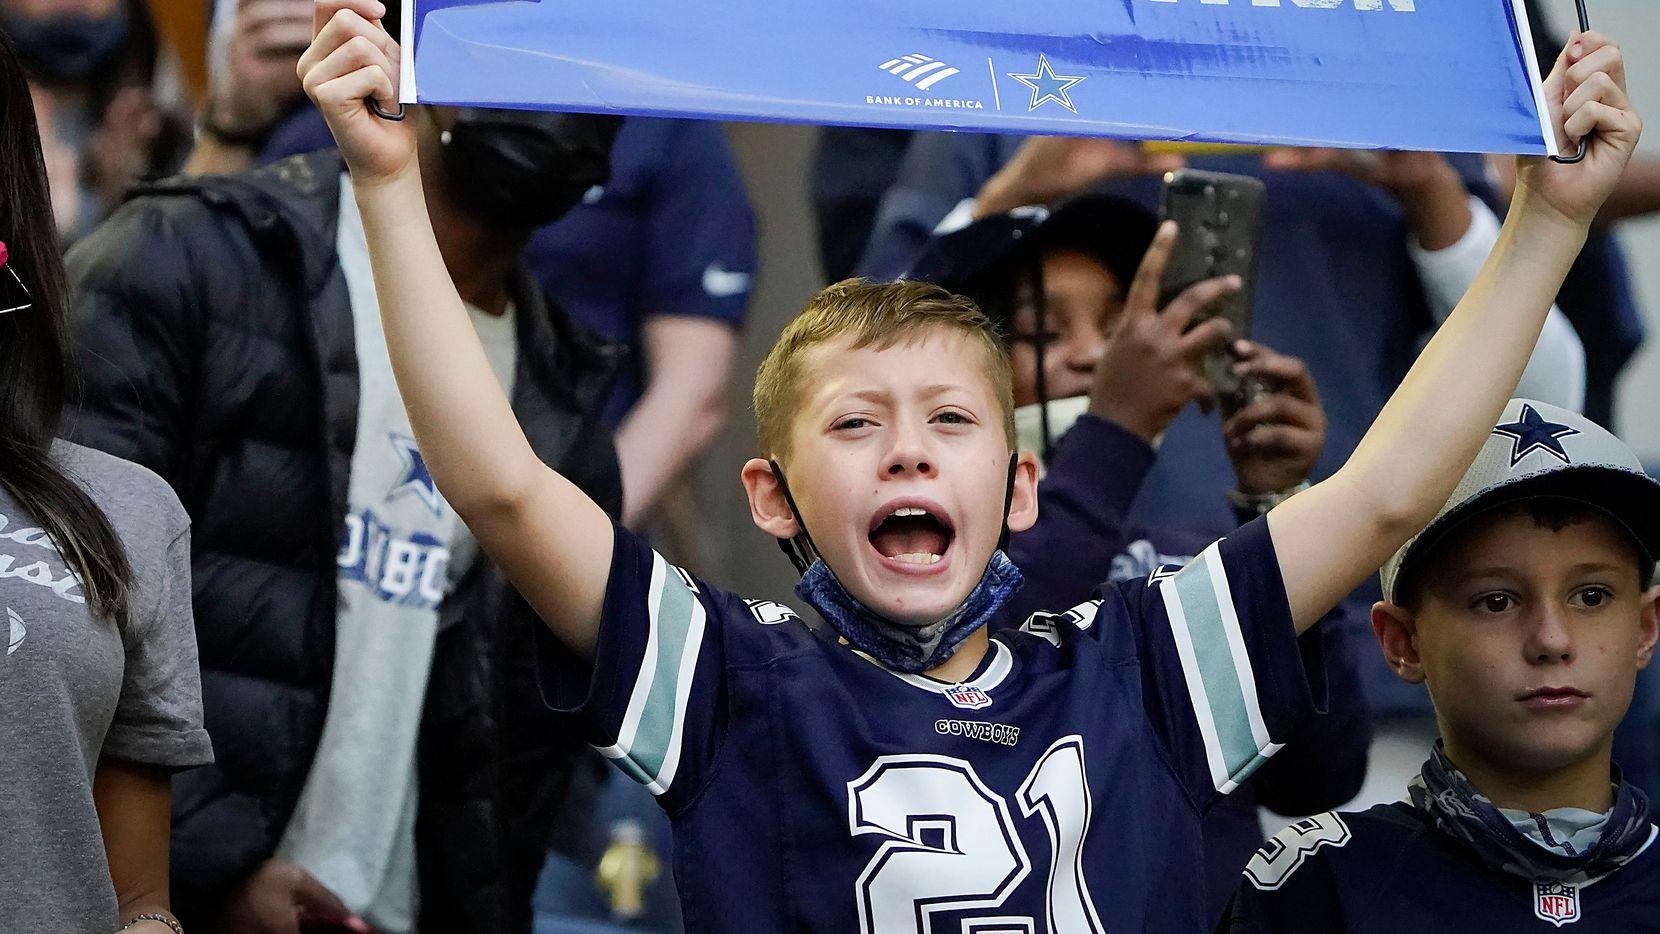 Seguidores de los Dallas Cowboys de todas las edades acudieron esta temporada a ver los juegos de su equipo en el AT&T Stadium de Arlington.